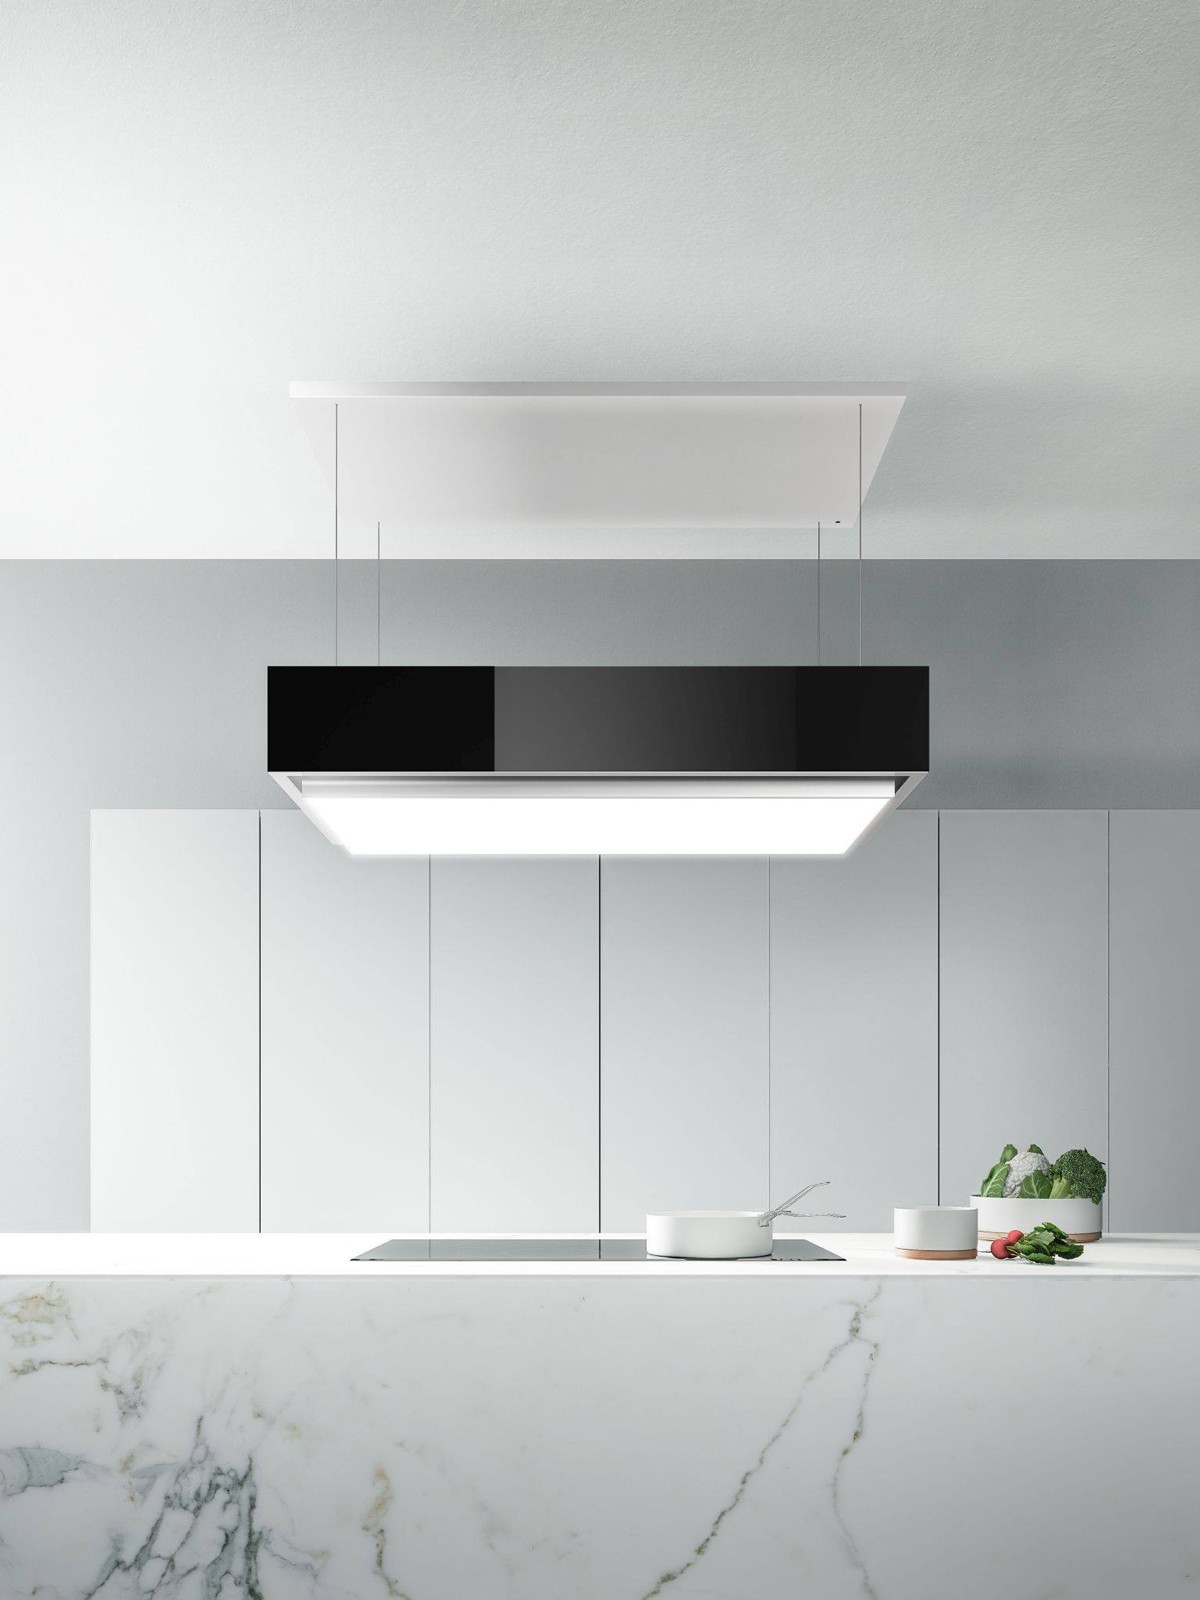 Zelari_Kitchen-Hoods_Kitchen-Design_cocinas-de-lujo-Madrid_arquitectura-de-cocina